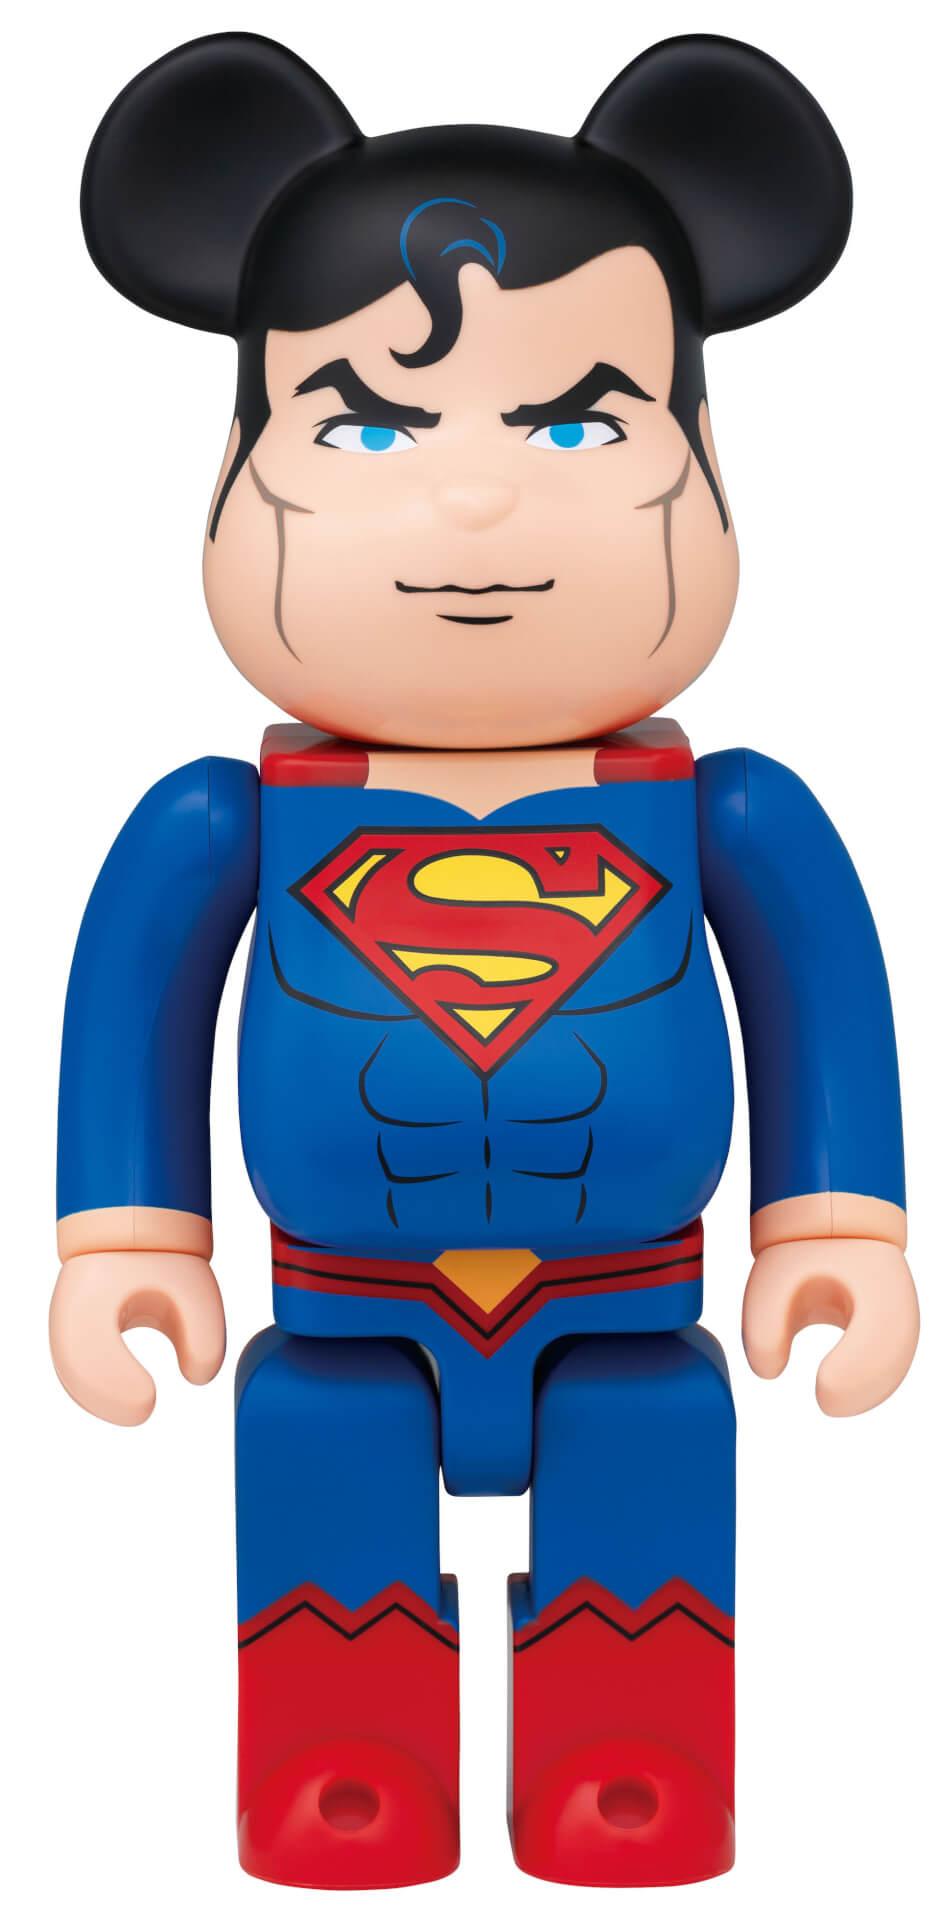 『ワンダーウーマン 1984』劇場公開記念!スーパーマン、バットマン、ジョーカーら人気DCキャラのBE@RBRICKや限定ポスターが当たるHappyくじが発売 art201216_dc_bearbrick_34